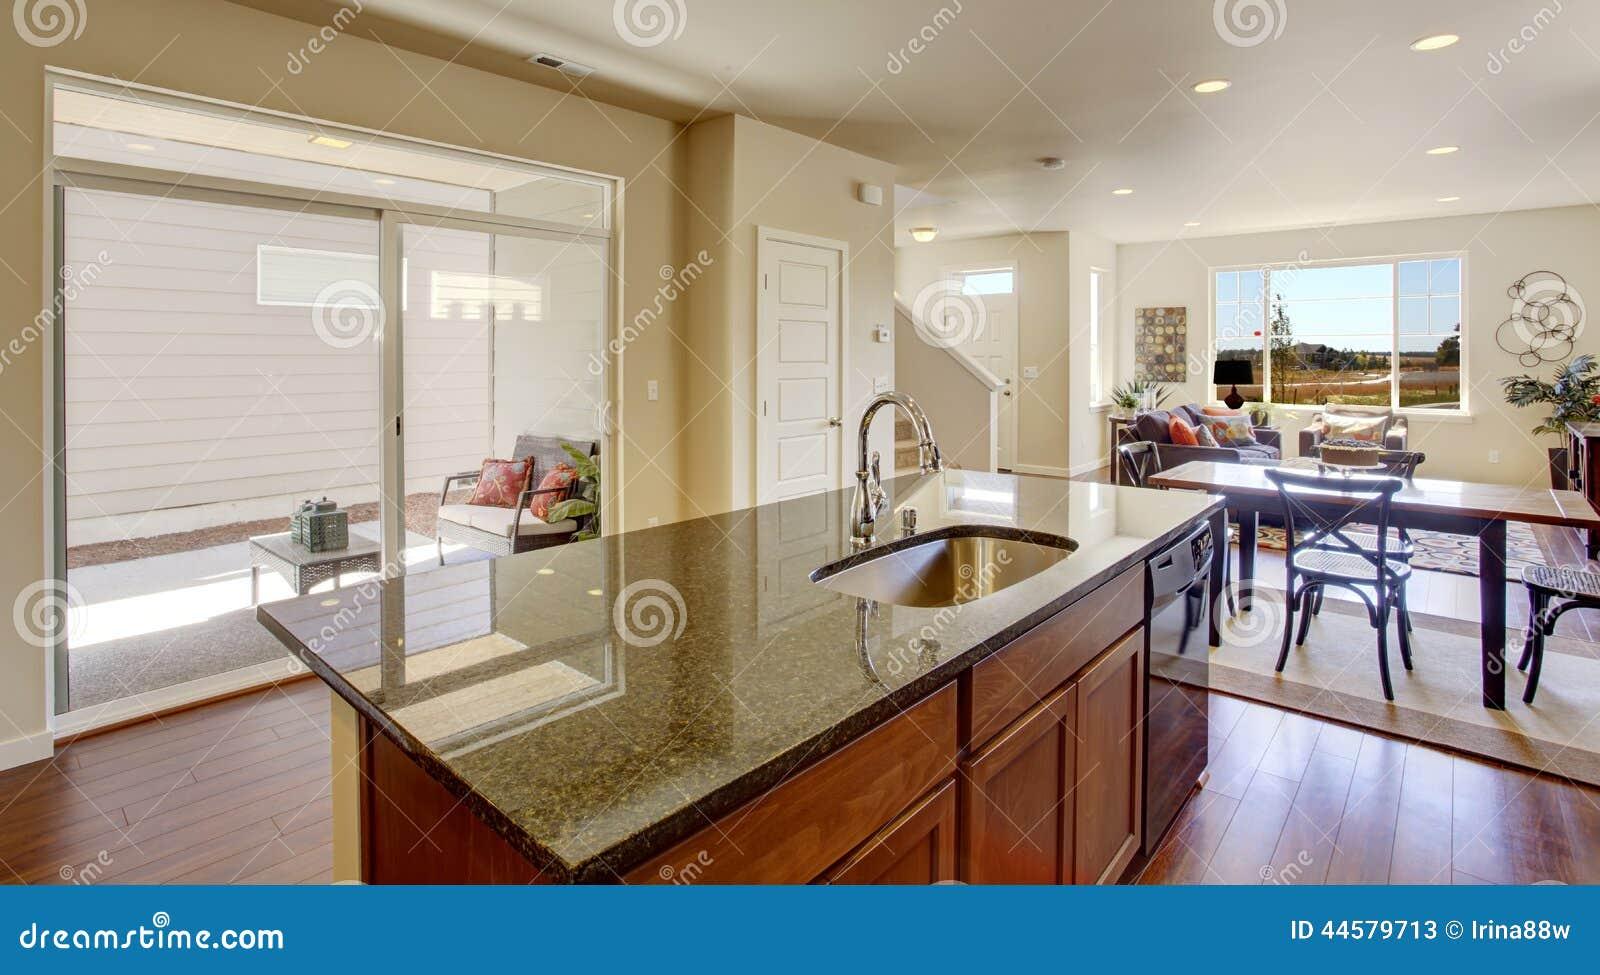 Interior Da Casa Com Planta Baixa Aberta Ilha De Cozinha Com Granito